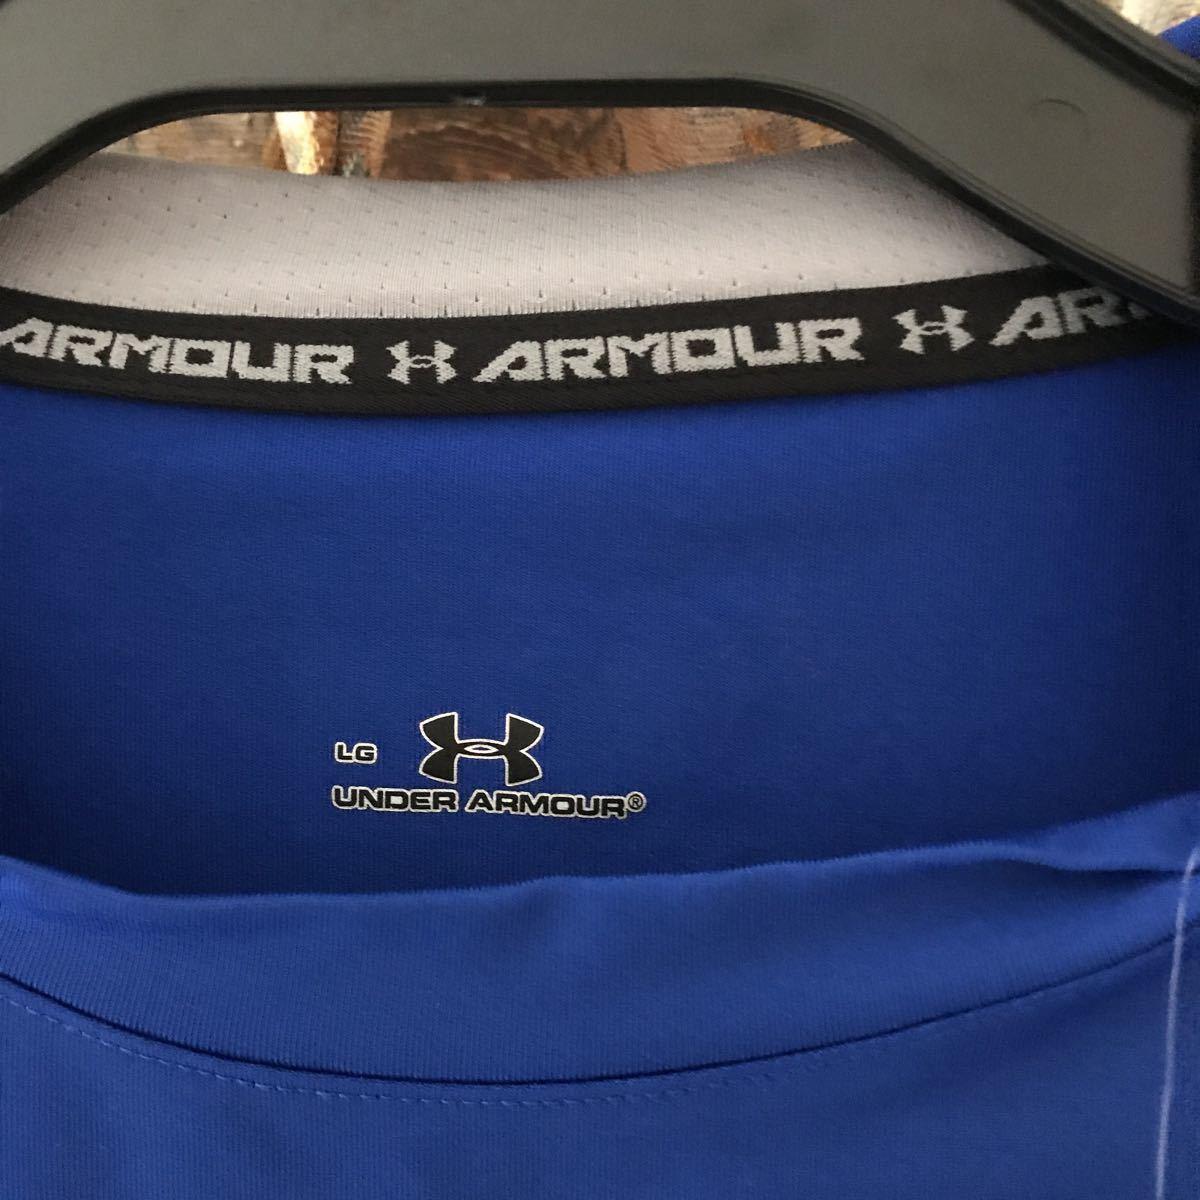 新品アンダーアーマー 半袖シャツ コンプレッションシャツ インナーシャツ トレーニング サッカー 野球 Lサイズ ヒートギア